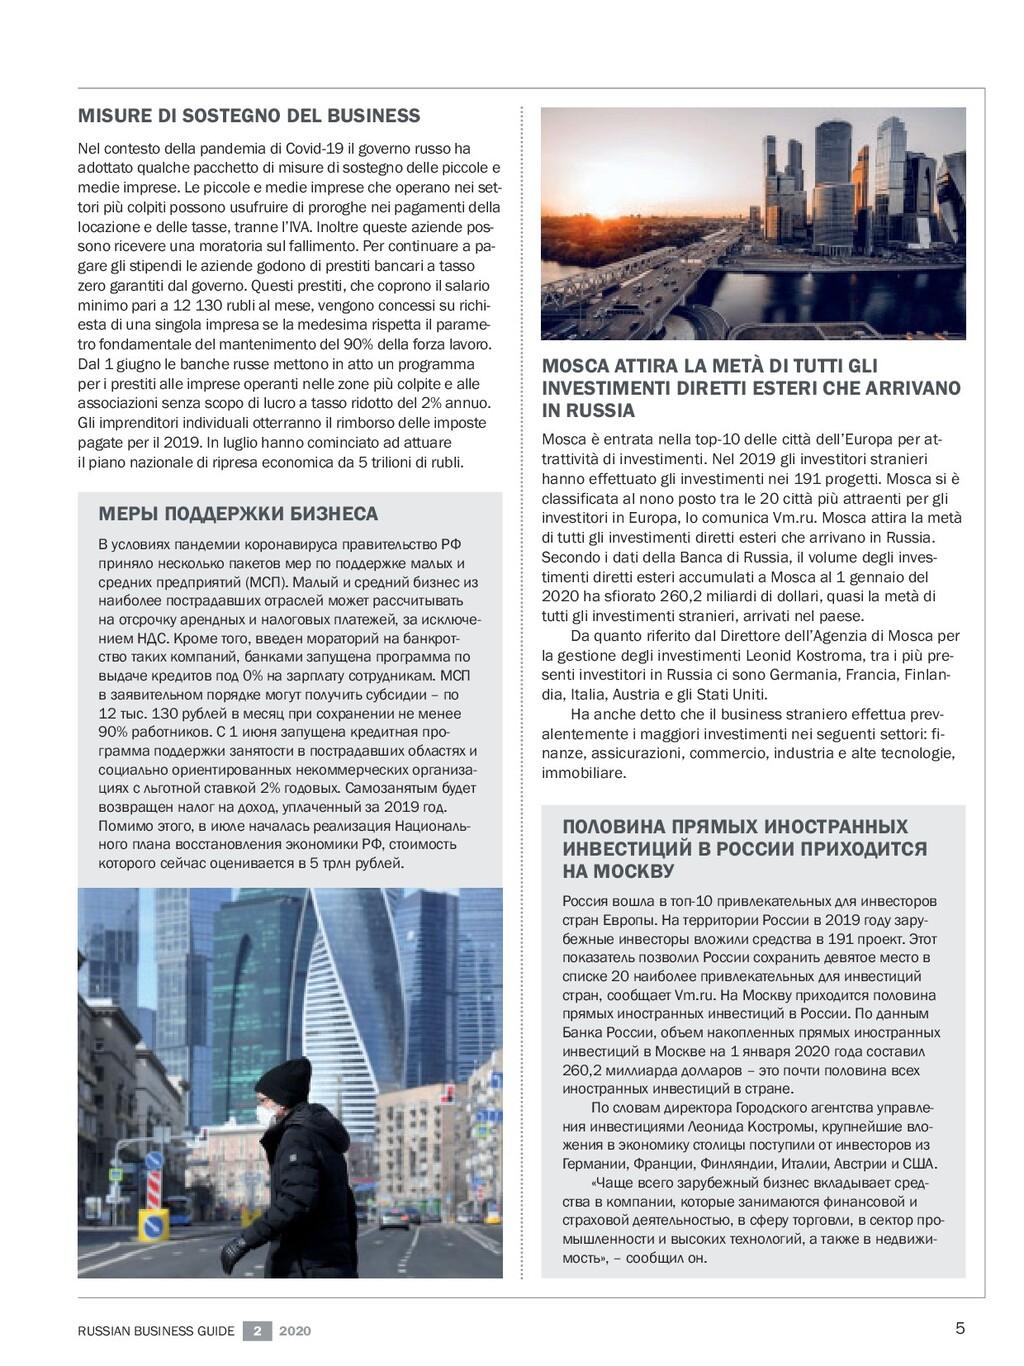 5 RUSSIAN BUSINESS GUIDE 2020 2 Nel contesto de...